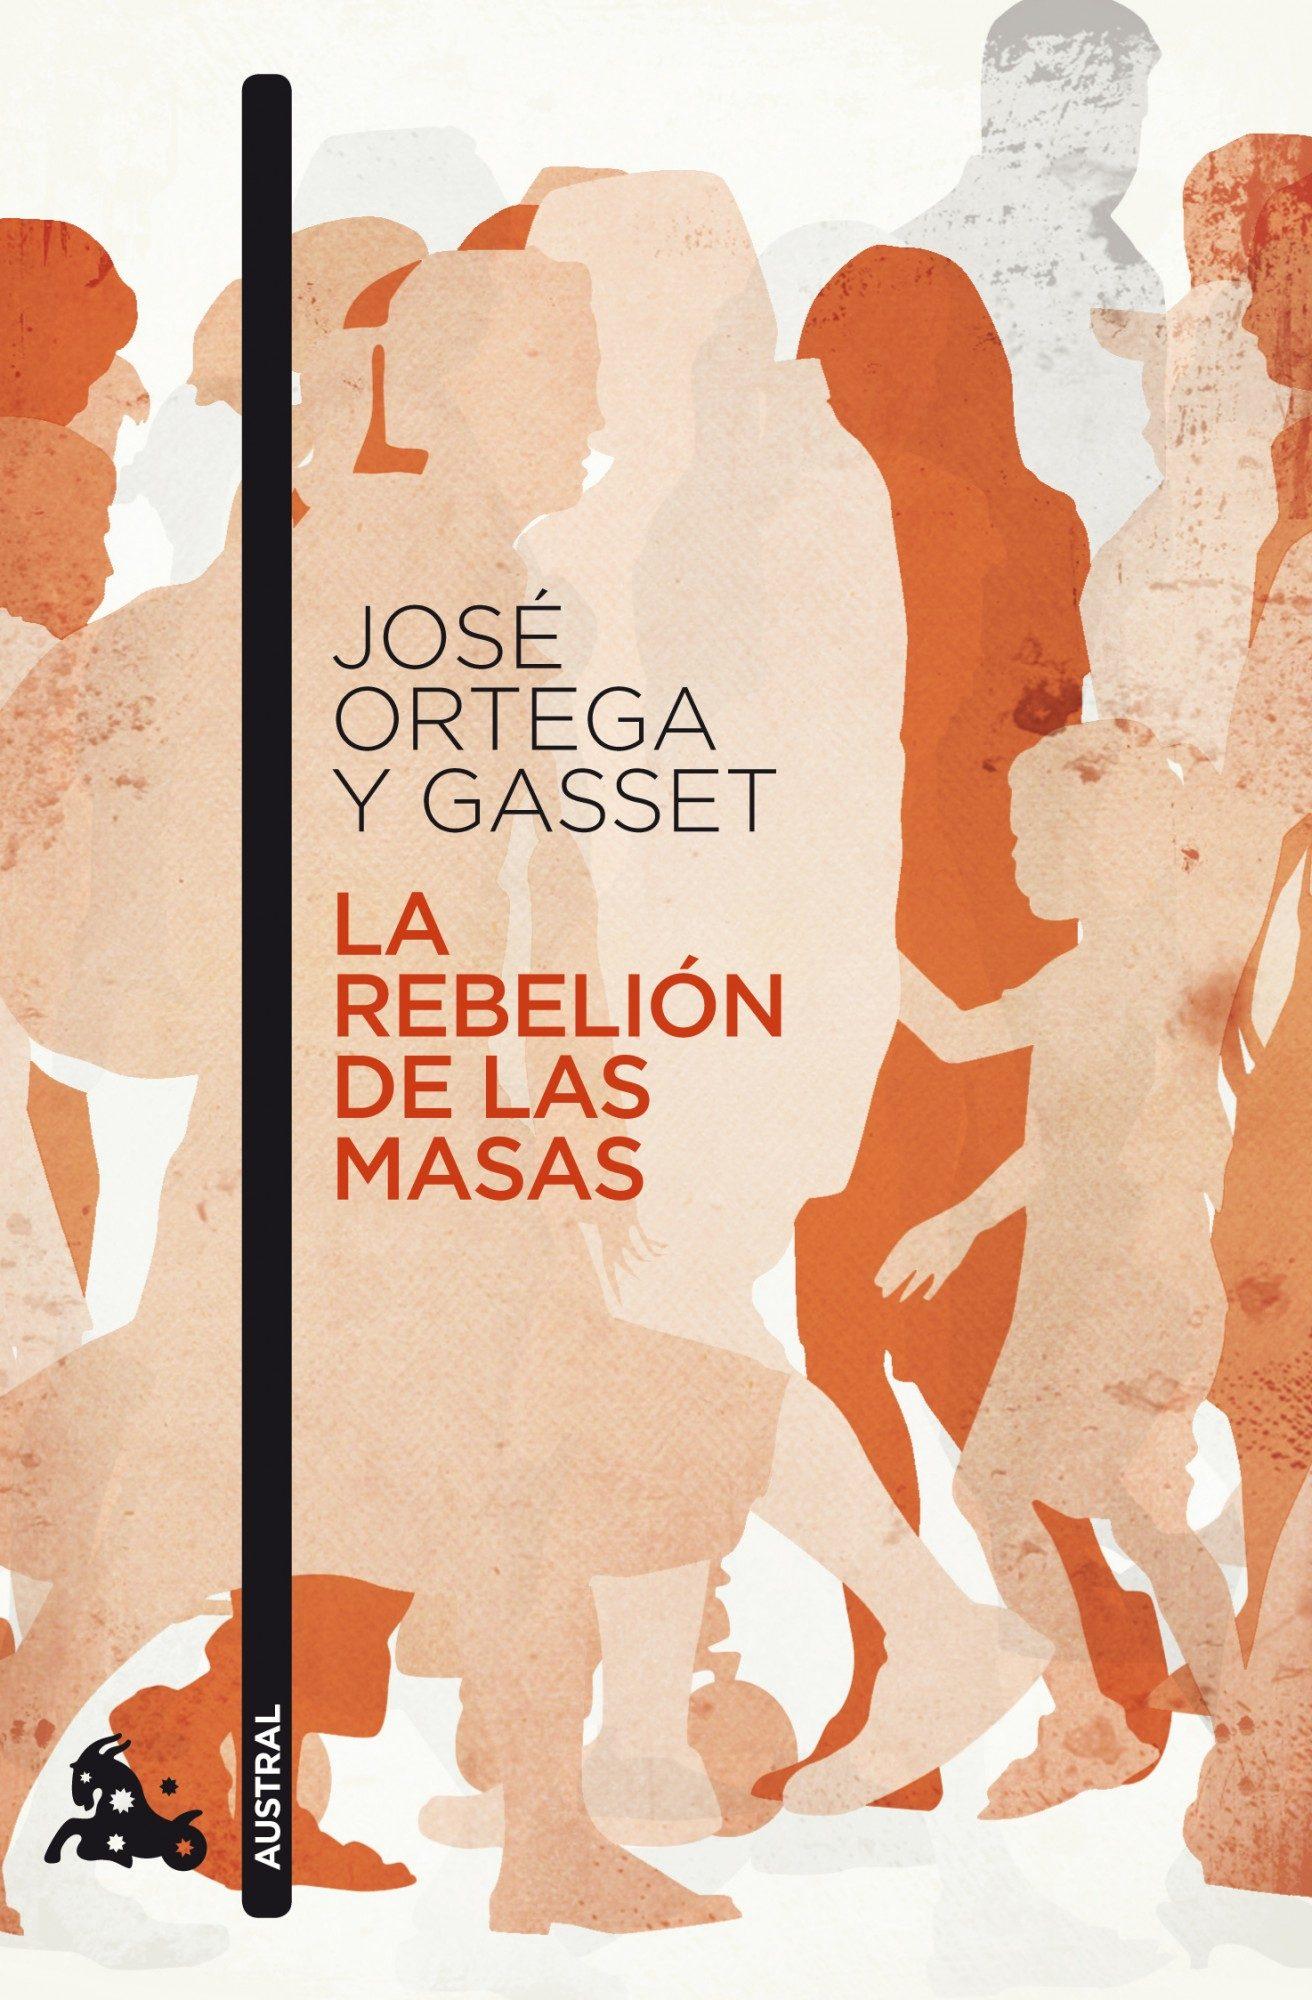 la-rebelion-masas-ortega.jpg